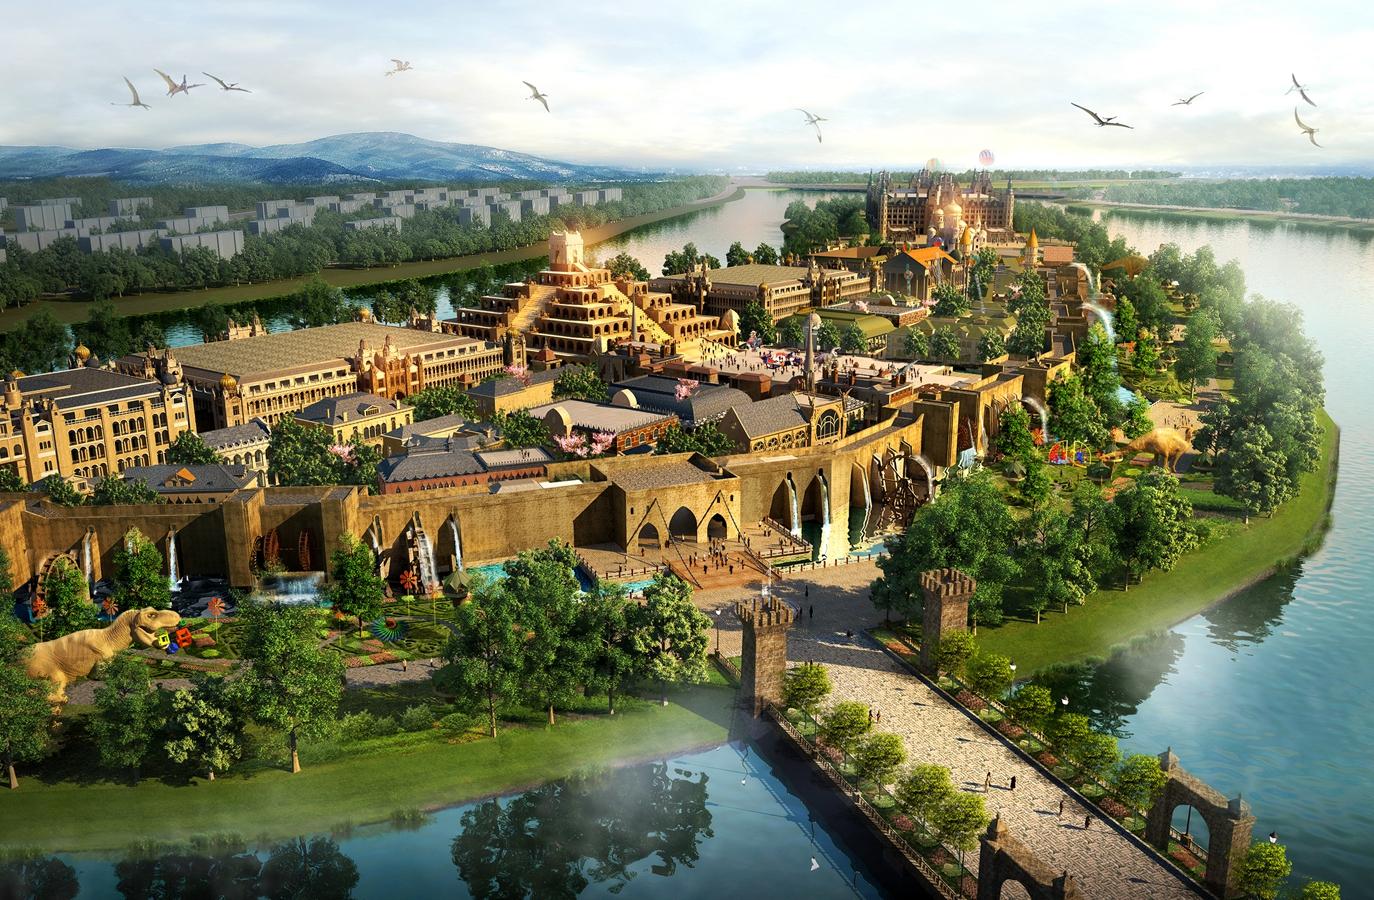 助力北戴河新区旅游新发展 —好莱坞魔法城项目举行开工奠基活动